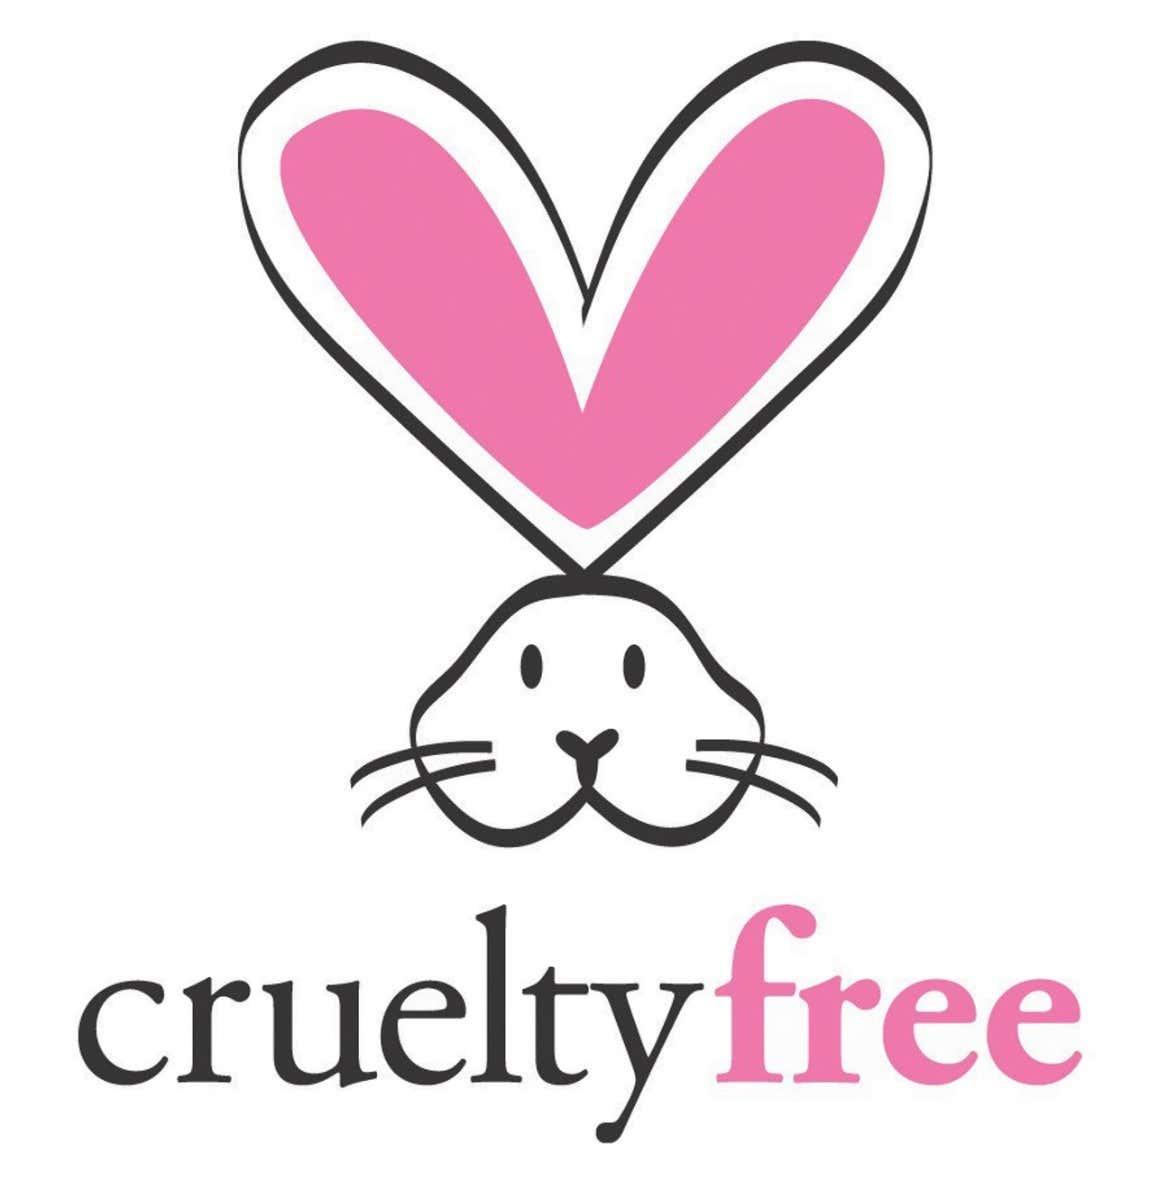 cruelty free symbol - malin and goetz